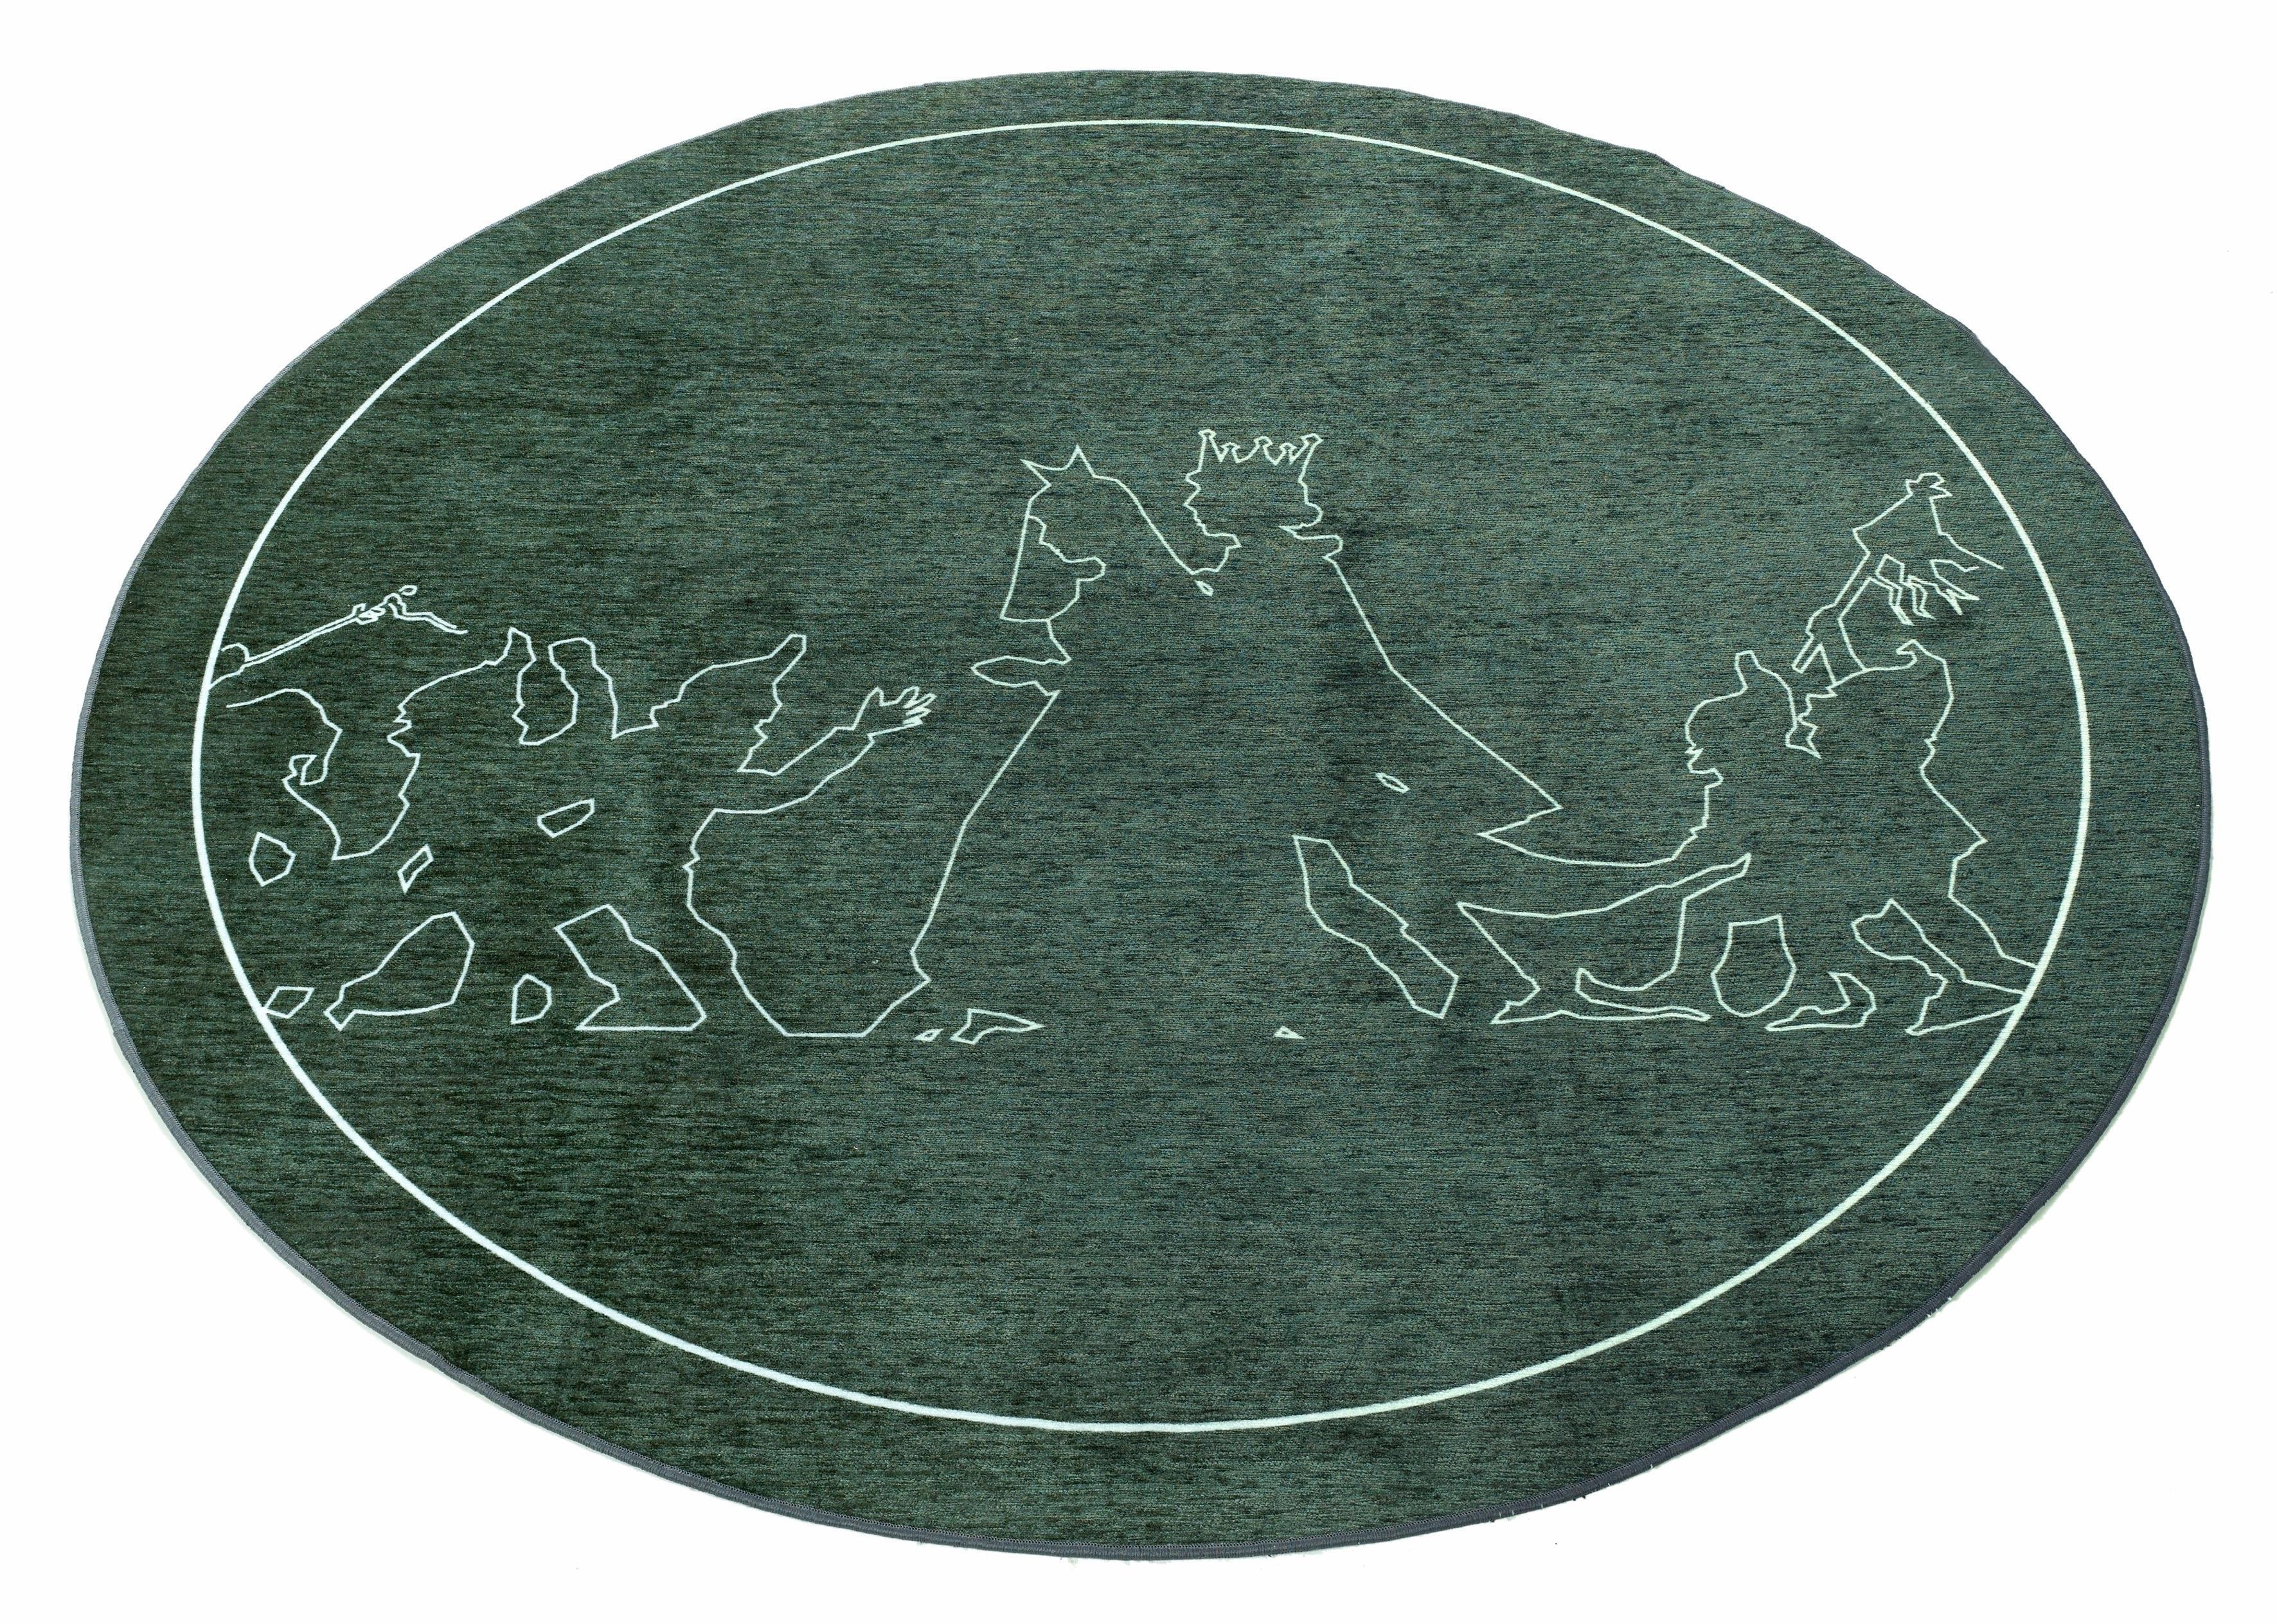 Grimmliis kindervloerkleed, rond »Sprookje 3«, hoogte 2 mm, platweefsel voordelig en veilig online kopen